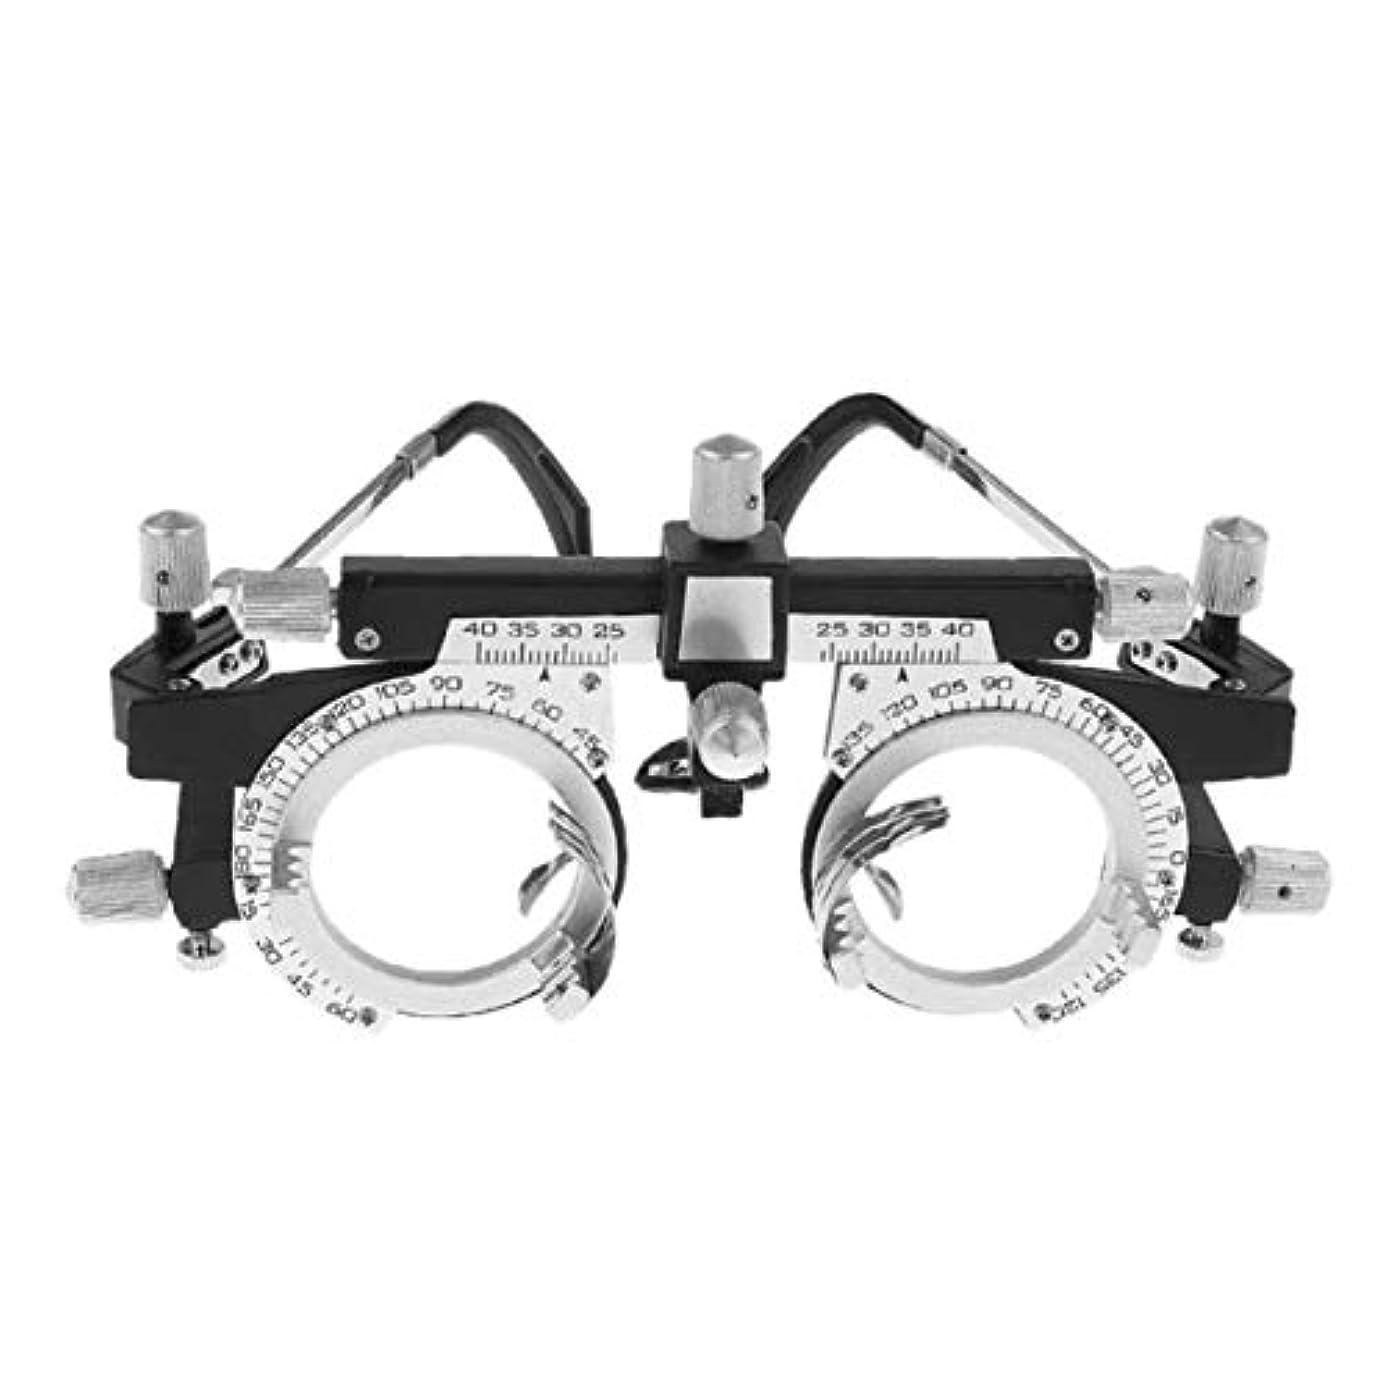 ケーブルカーアンソロジー仲間、同僚調整可能なプロフェッショナルアイウェア検眼メタルフレーム光学眼鏡眼鏡トライアルレンズメタルフレームPD眼鏡アクセサリー-シルバー&ブラック